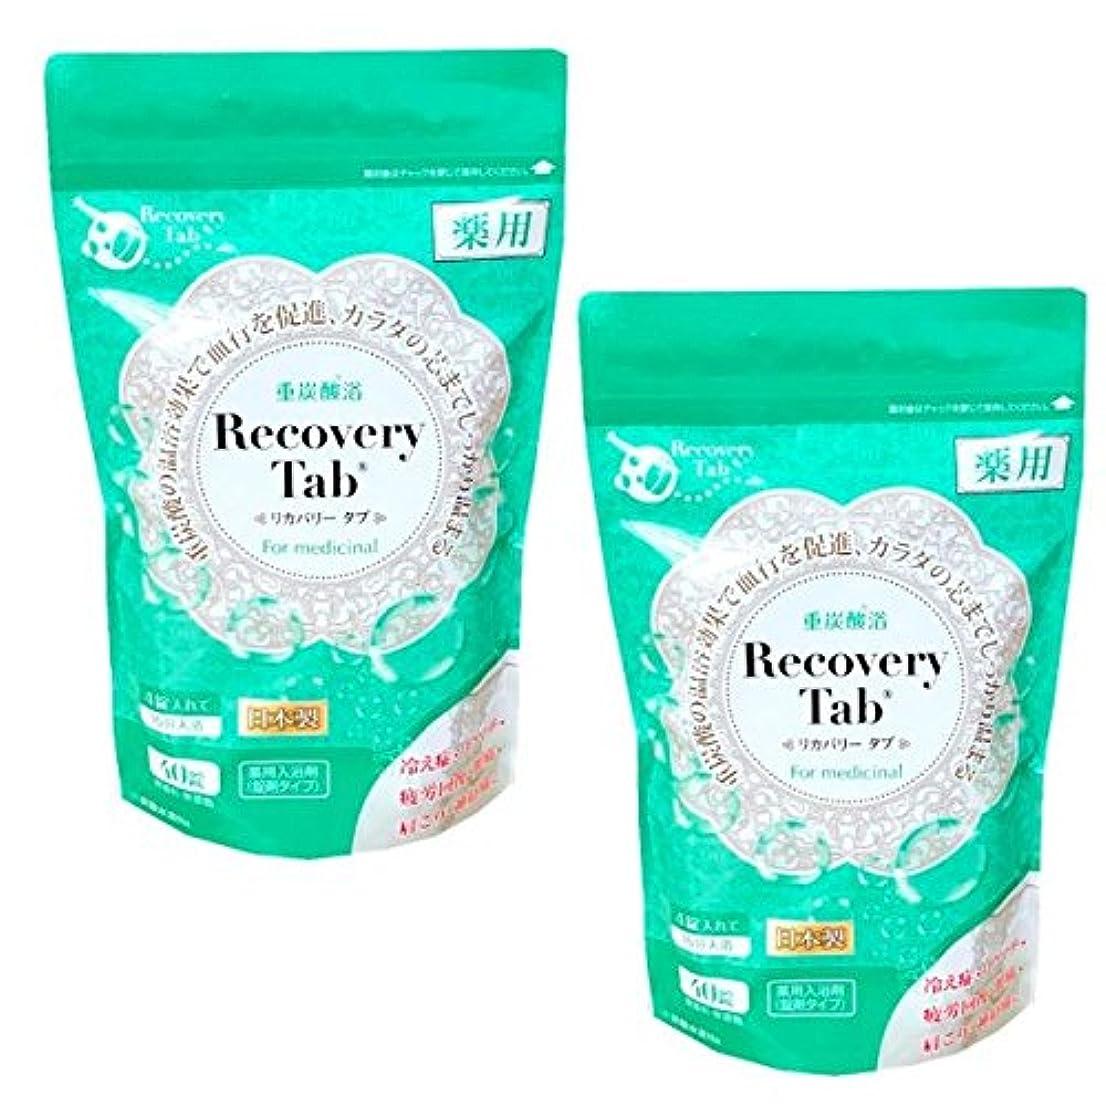 石レパートリー六分儀薬用リカバリータブ 40錠入 2個セット 薬用入浴剤 日本製